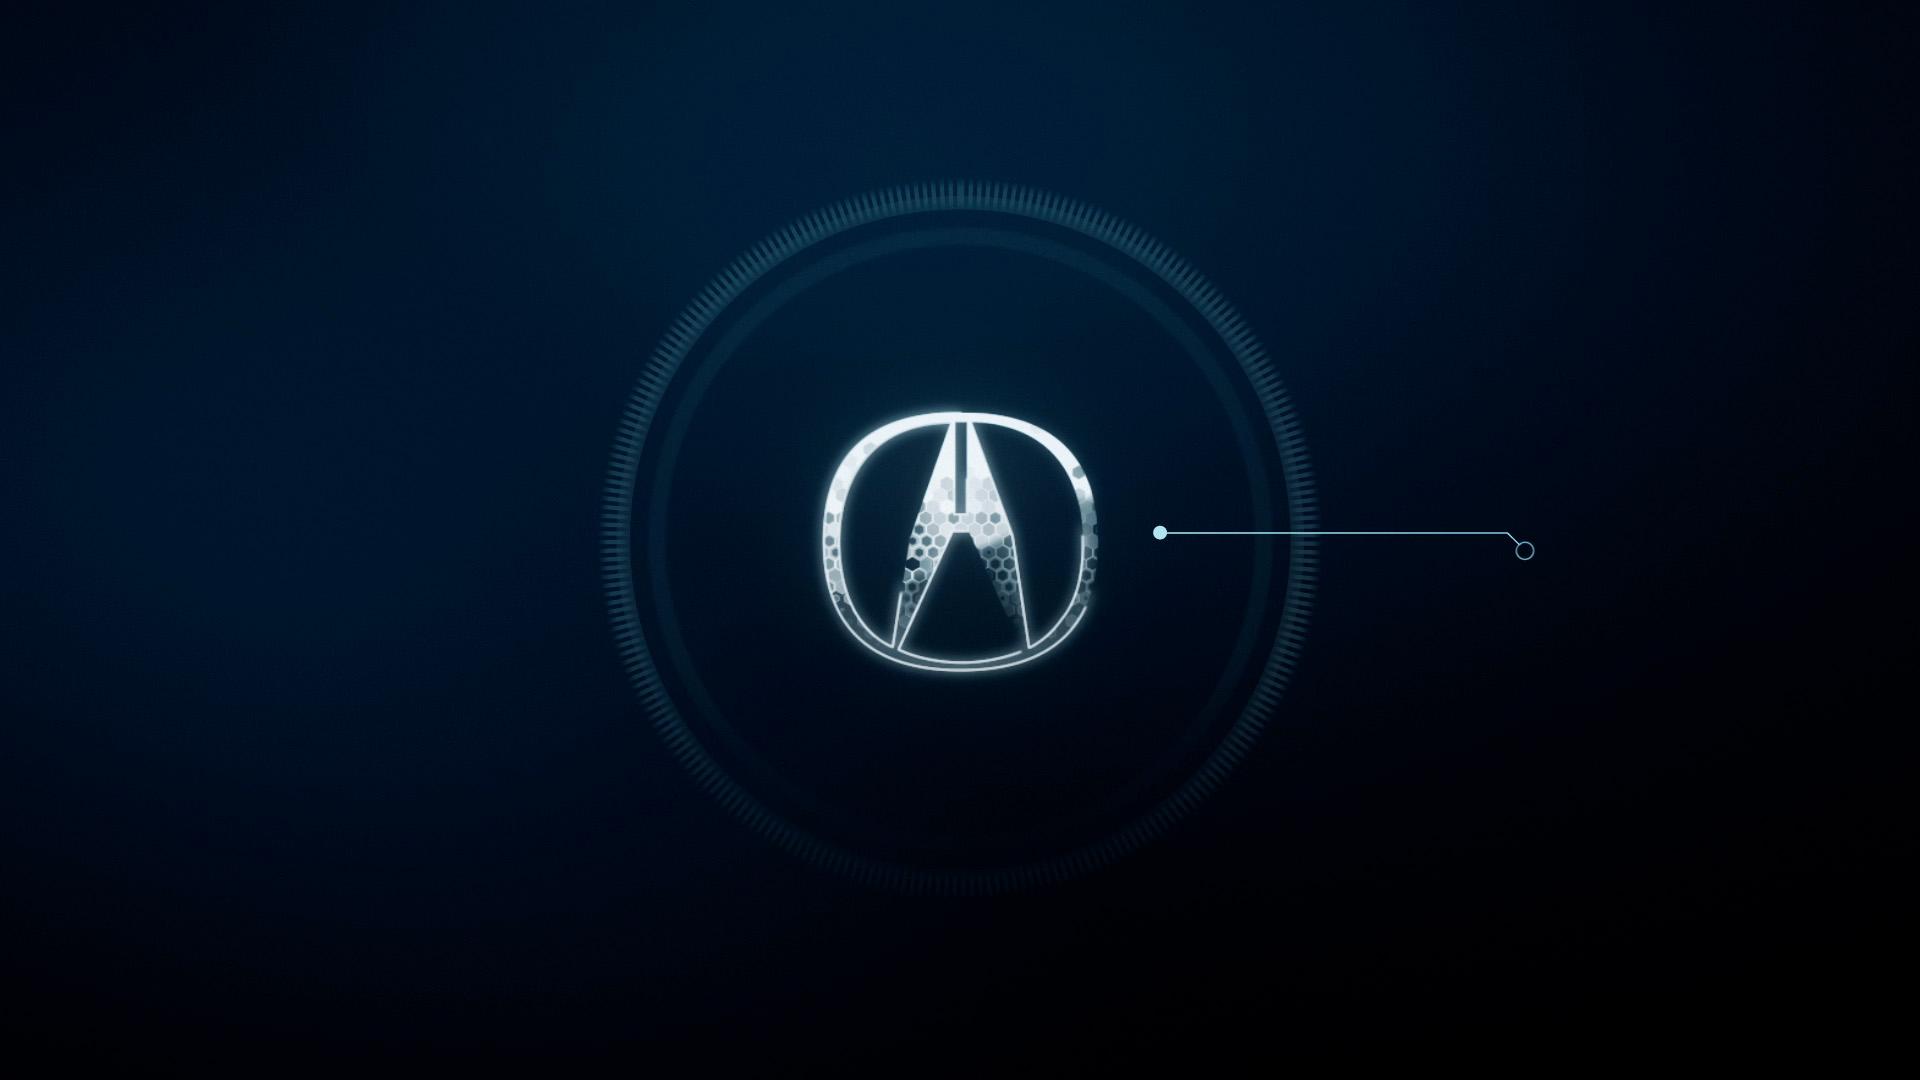 AcuraStills_Layer 1.jpg